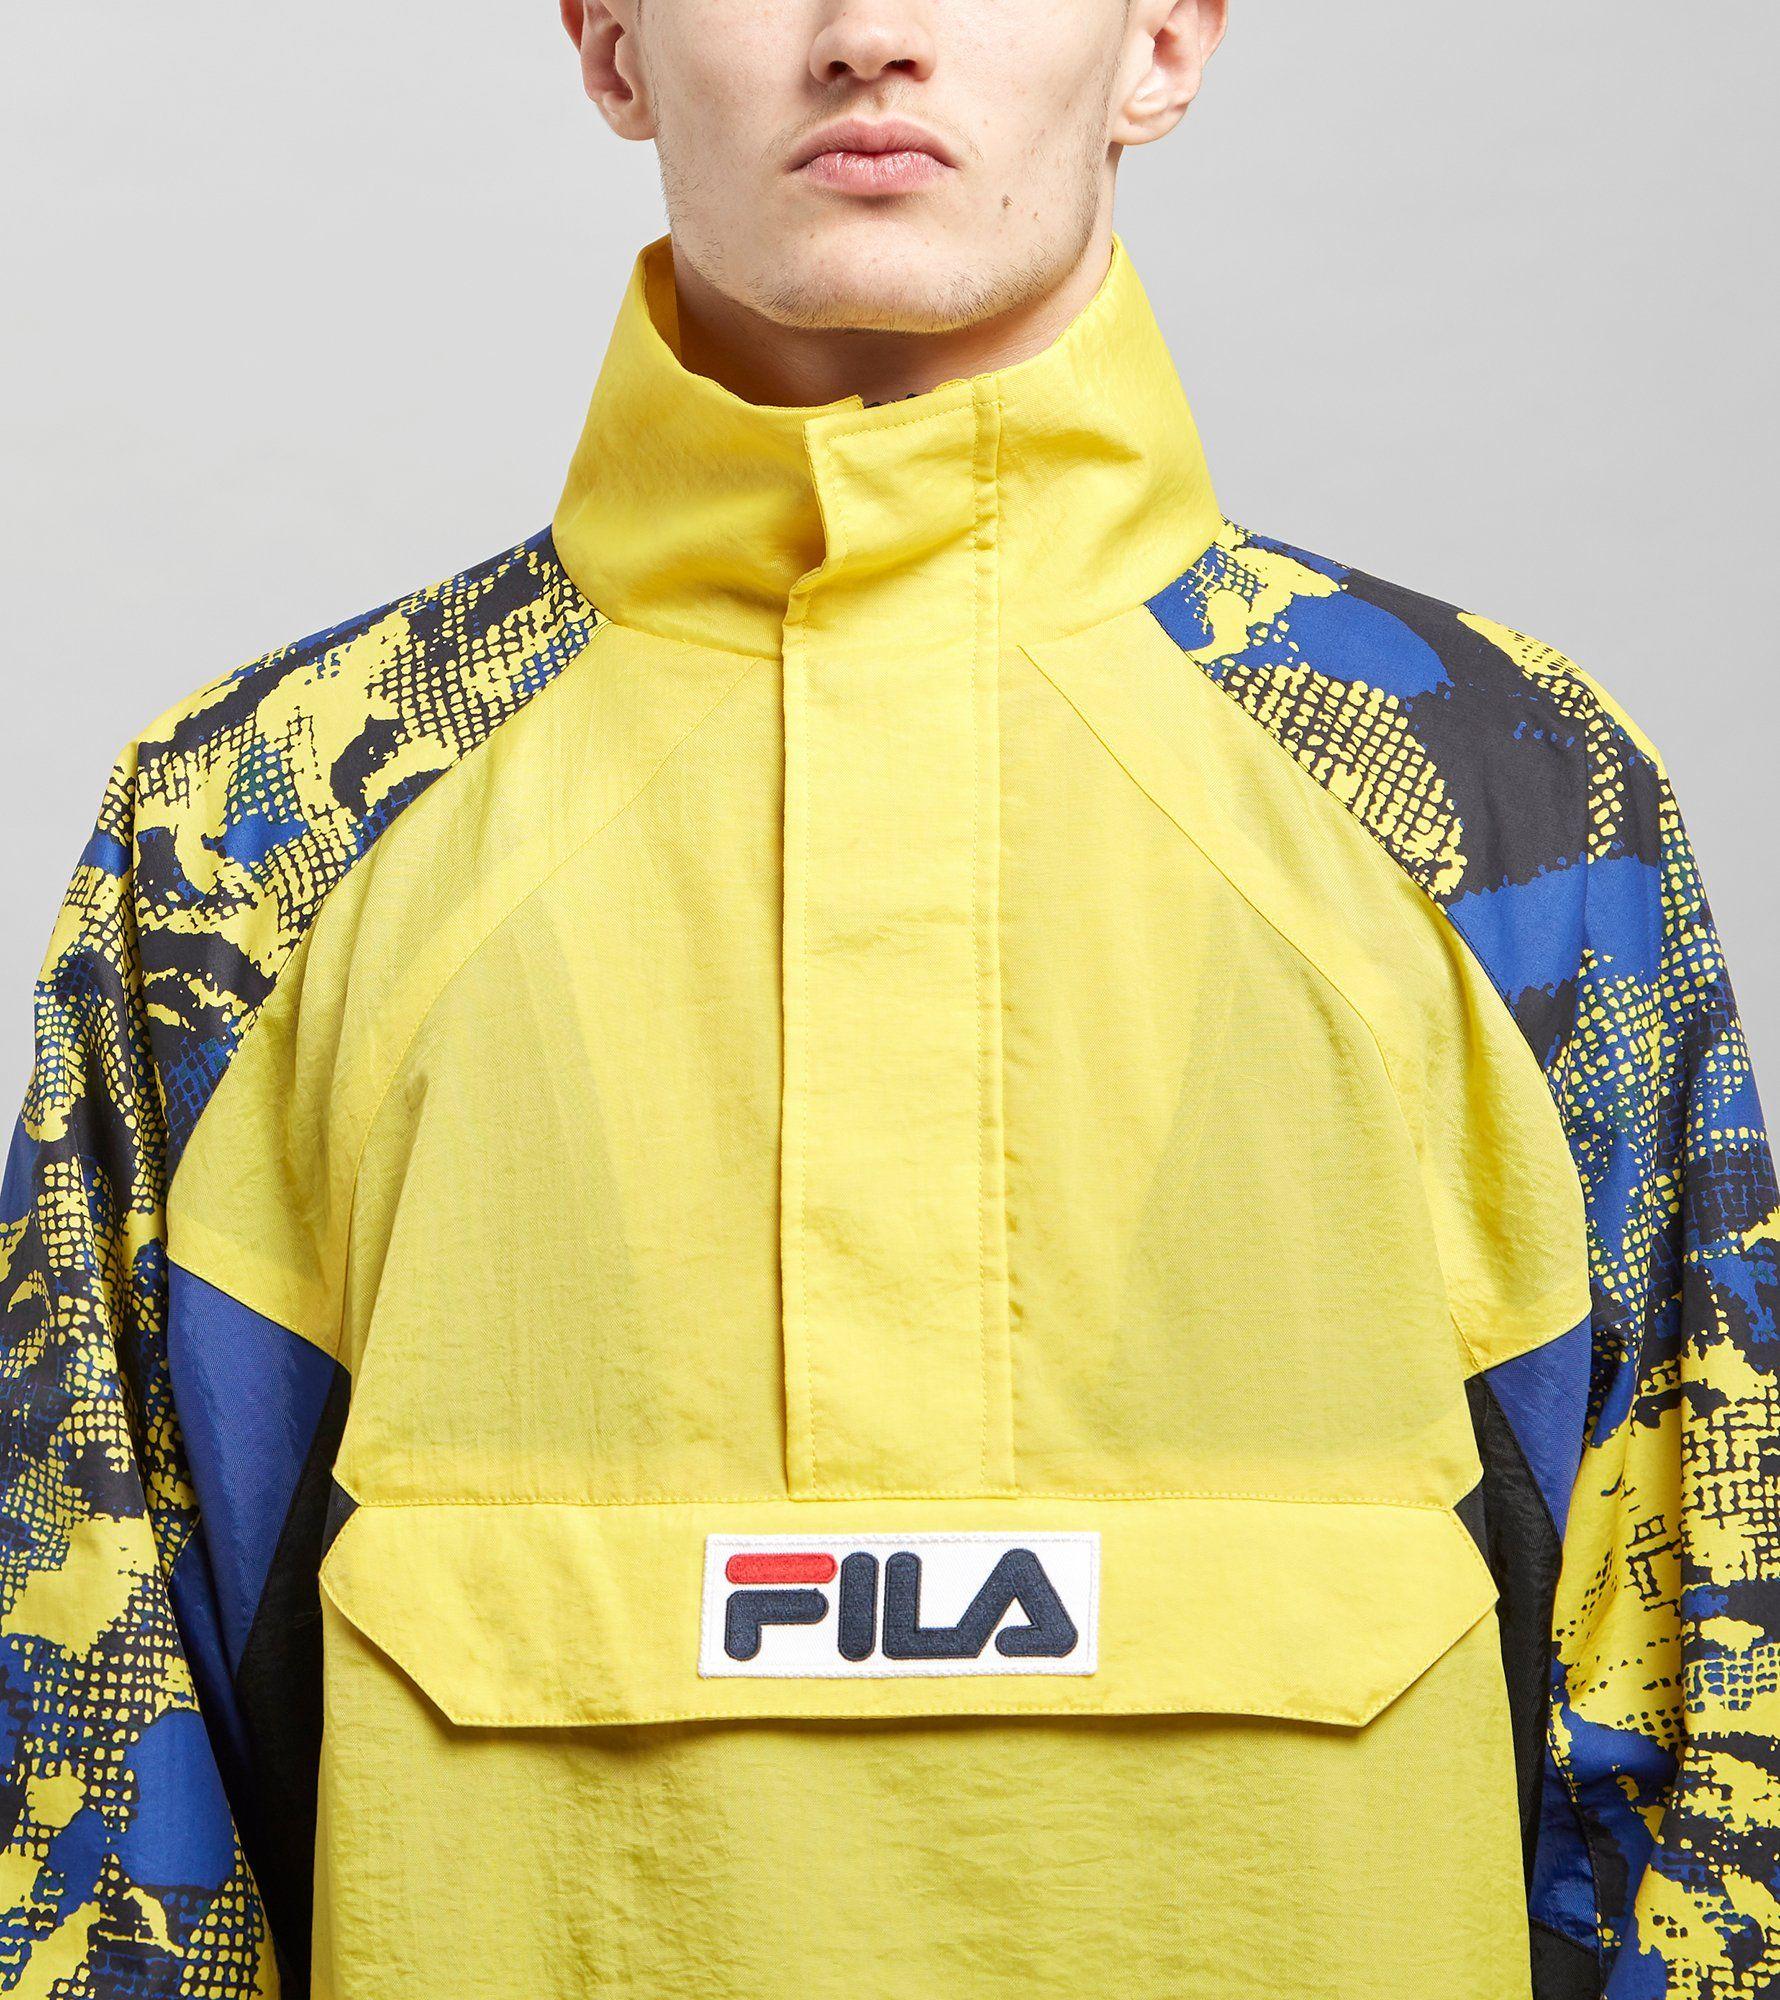 Fila Kronplatz Pullover Jacket